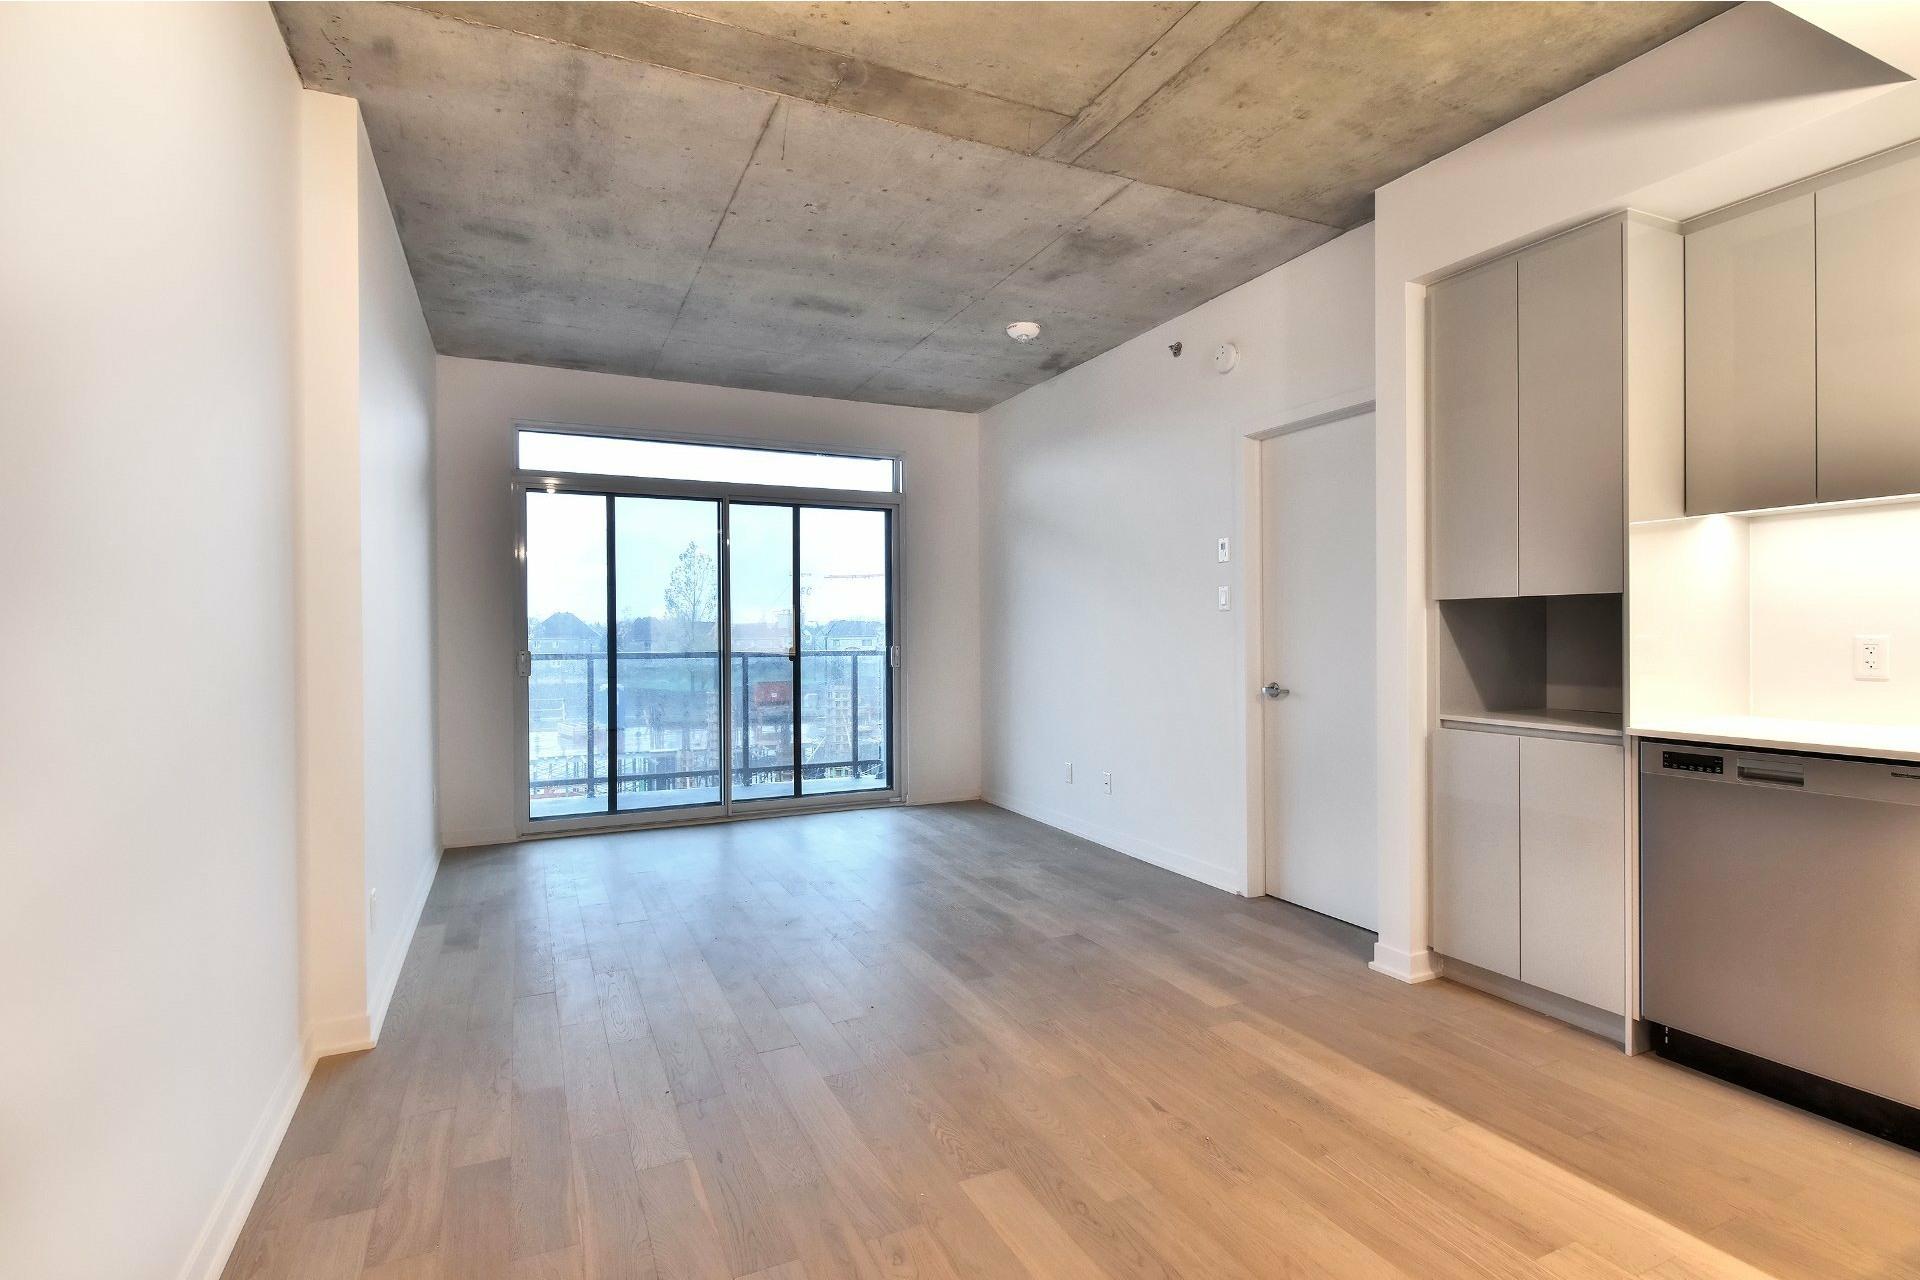 image 6 - Appartement À louer Brossard - 4 pièces